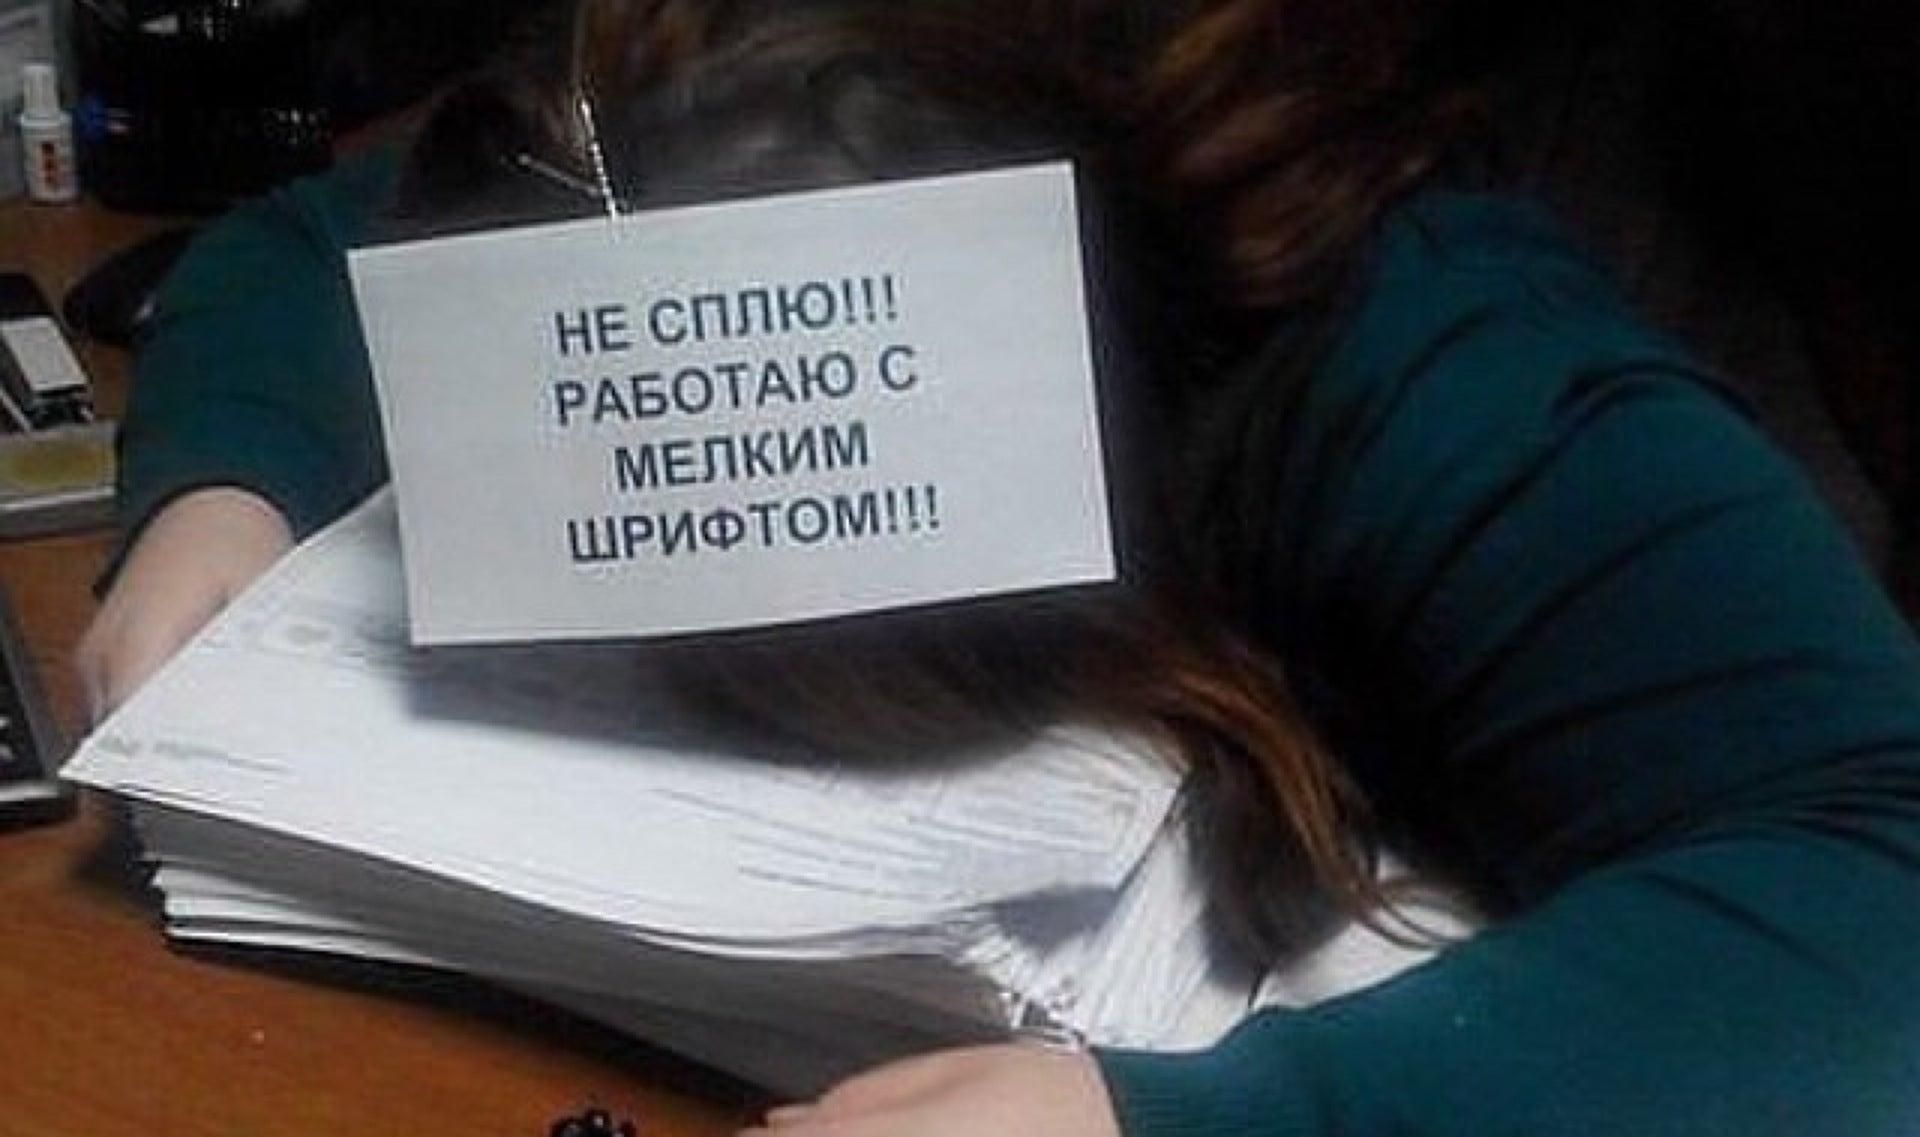 Прикольные картинки хочется спать на работе